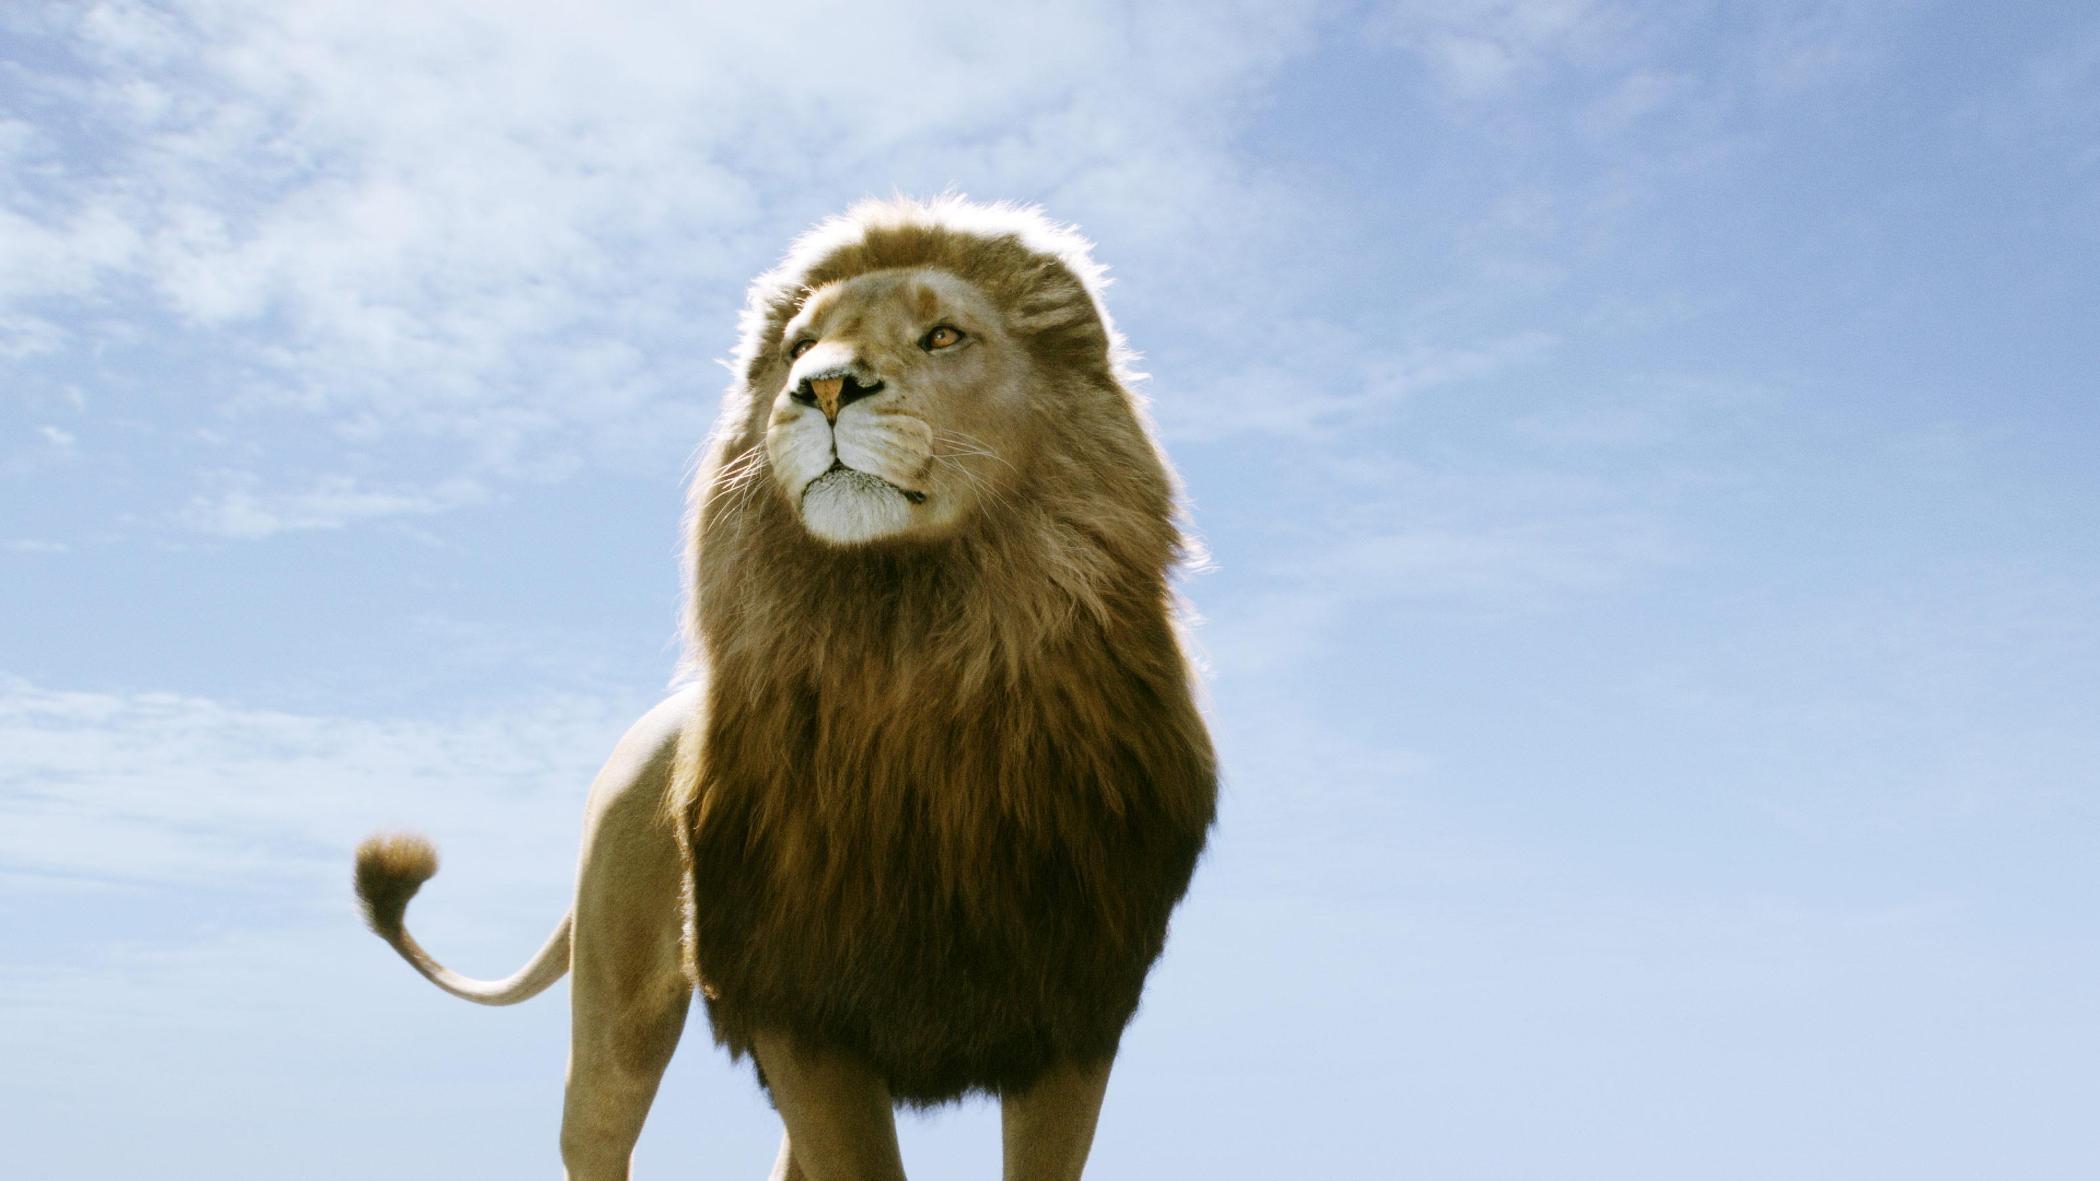 《纳尼亚传奇4》将重启该系列 主角全部换新演员